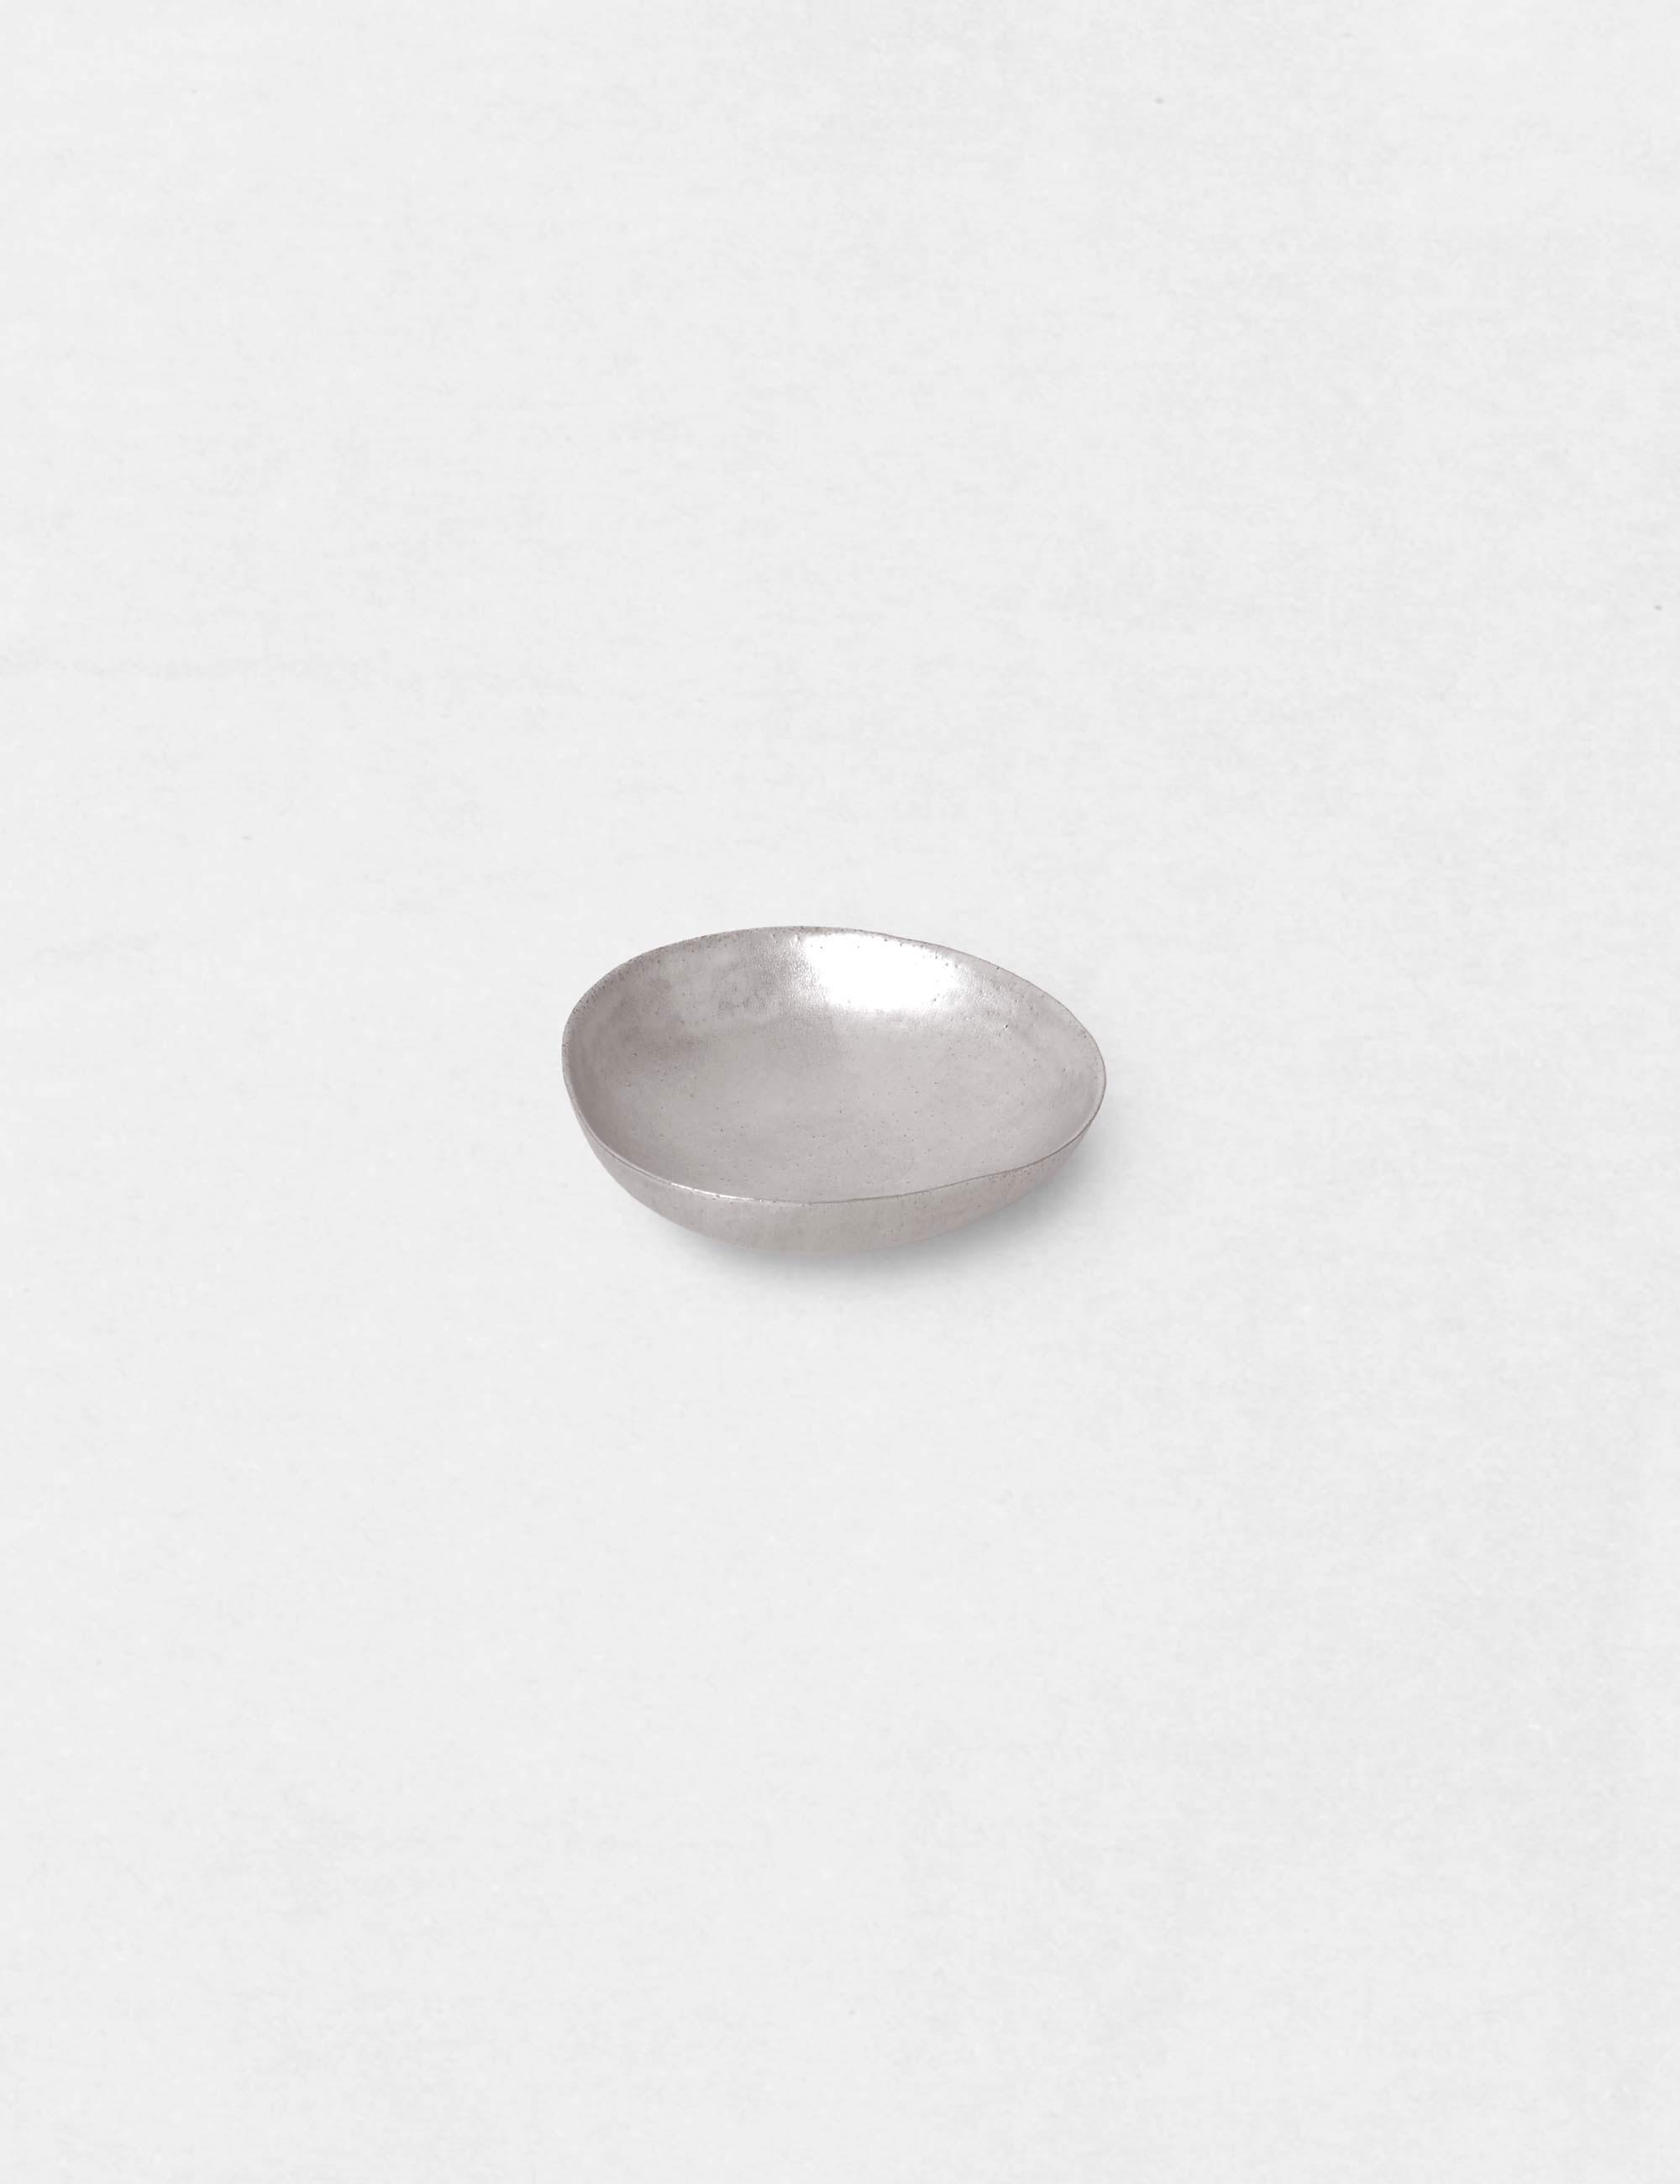 Jurgen Lehl Ceramic plate with Silver Glaze / Babaghuri